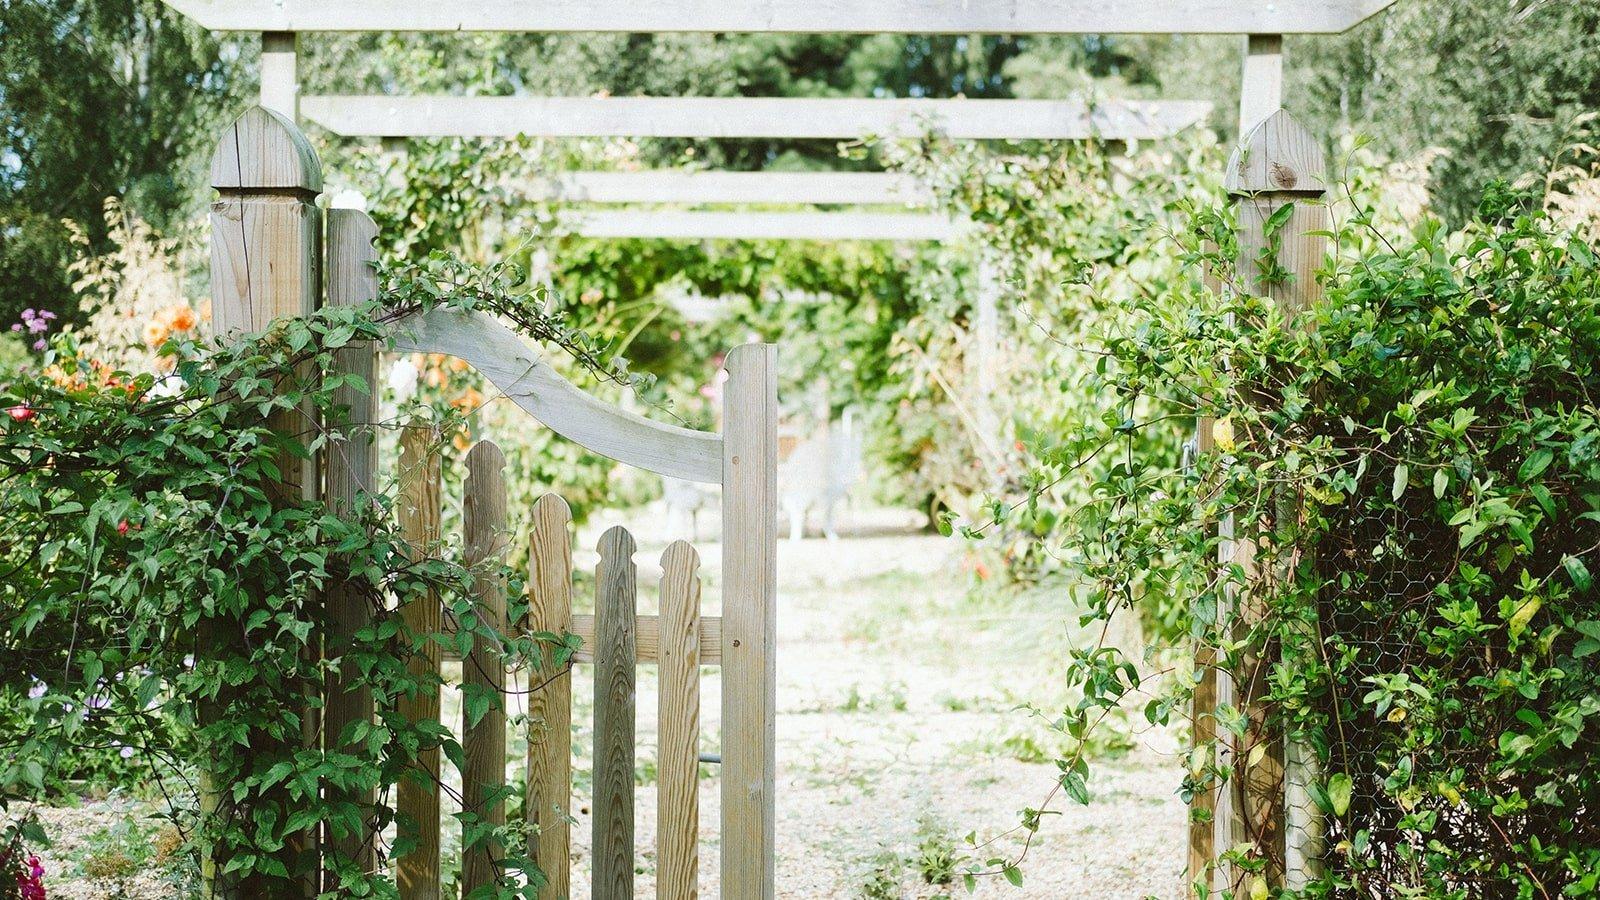 Green Garden Gate